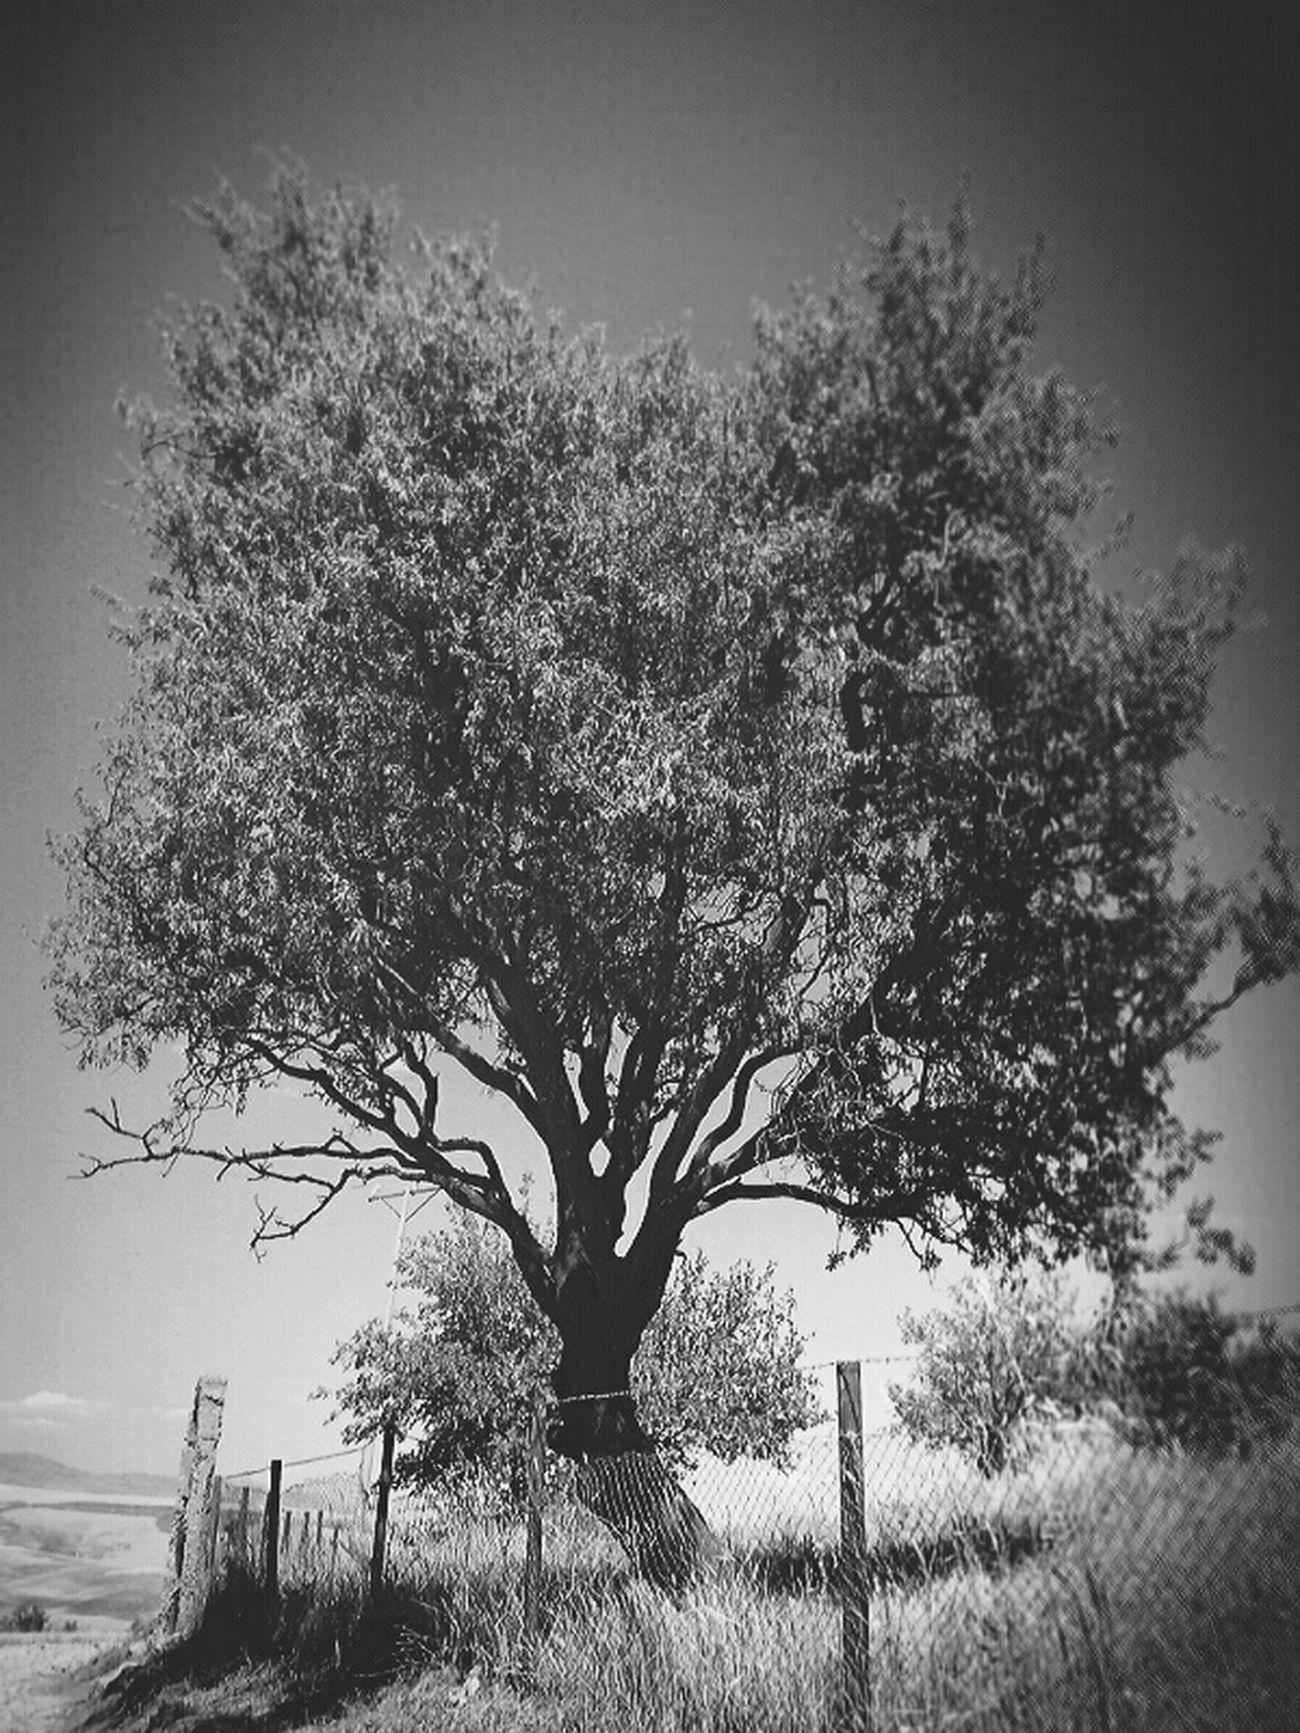 Köydenmanazaralar Mezarlık Agac Tree Relaxing Streetphotography Siyahbeyaz EyeEm BlackandWhite Mobile Photography Life